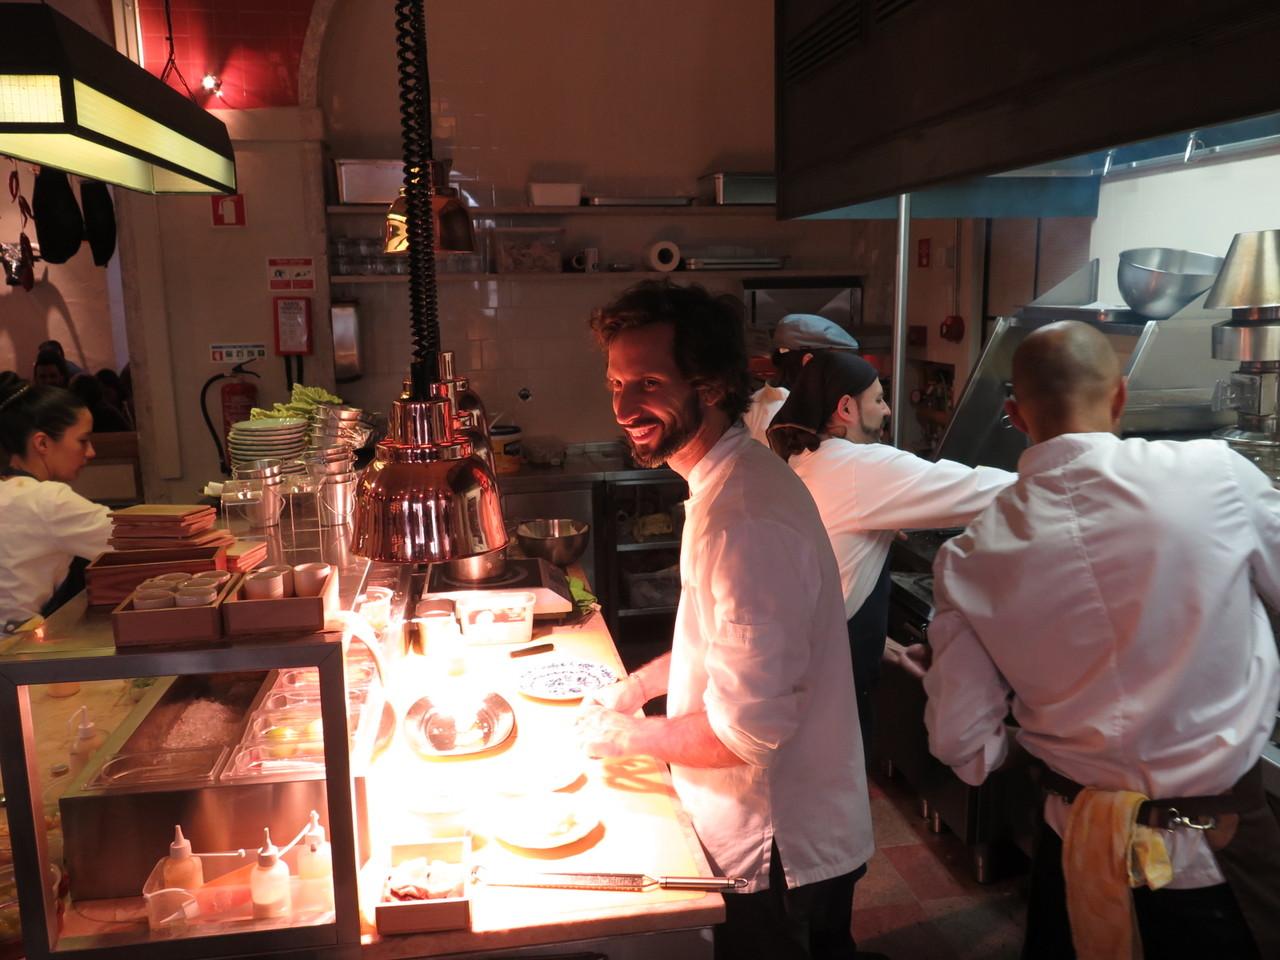 José Avillez na cozinha aberta da TABERNA do BAIRRO DO AVILLEZ